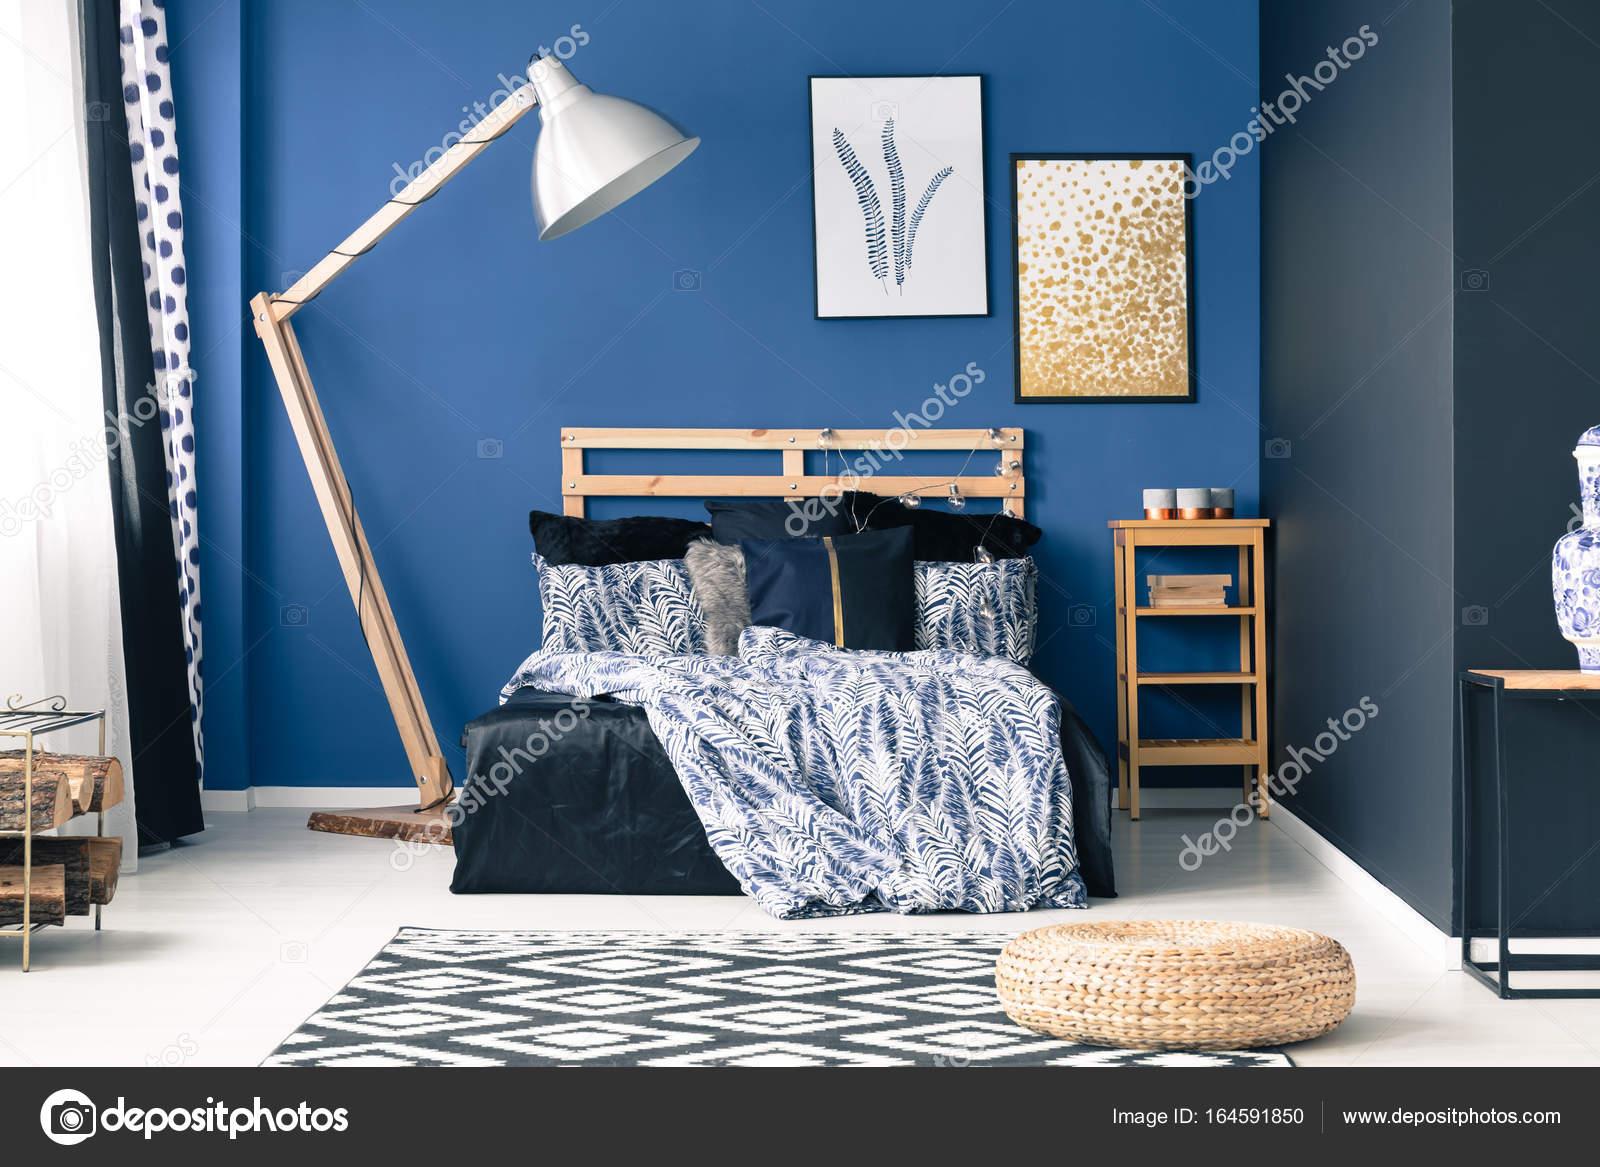 Blaues schlafzimmer mit goldenen akzenten stockfoto 164591850 - Blaues schlafzimmer ...